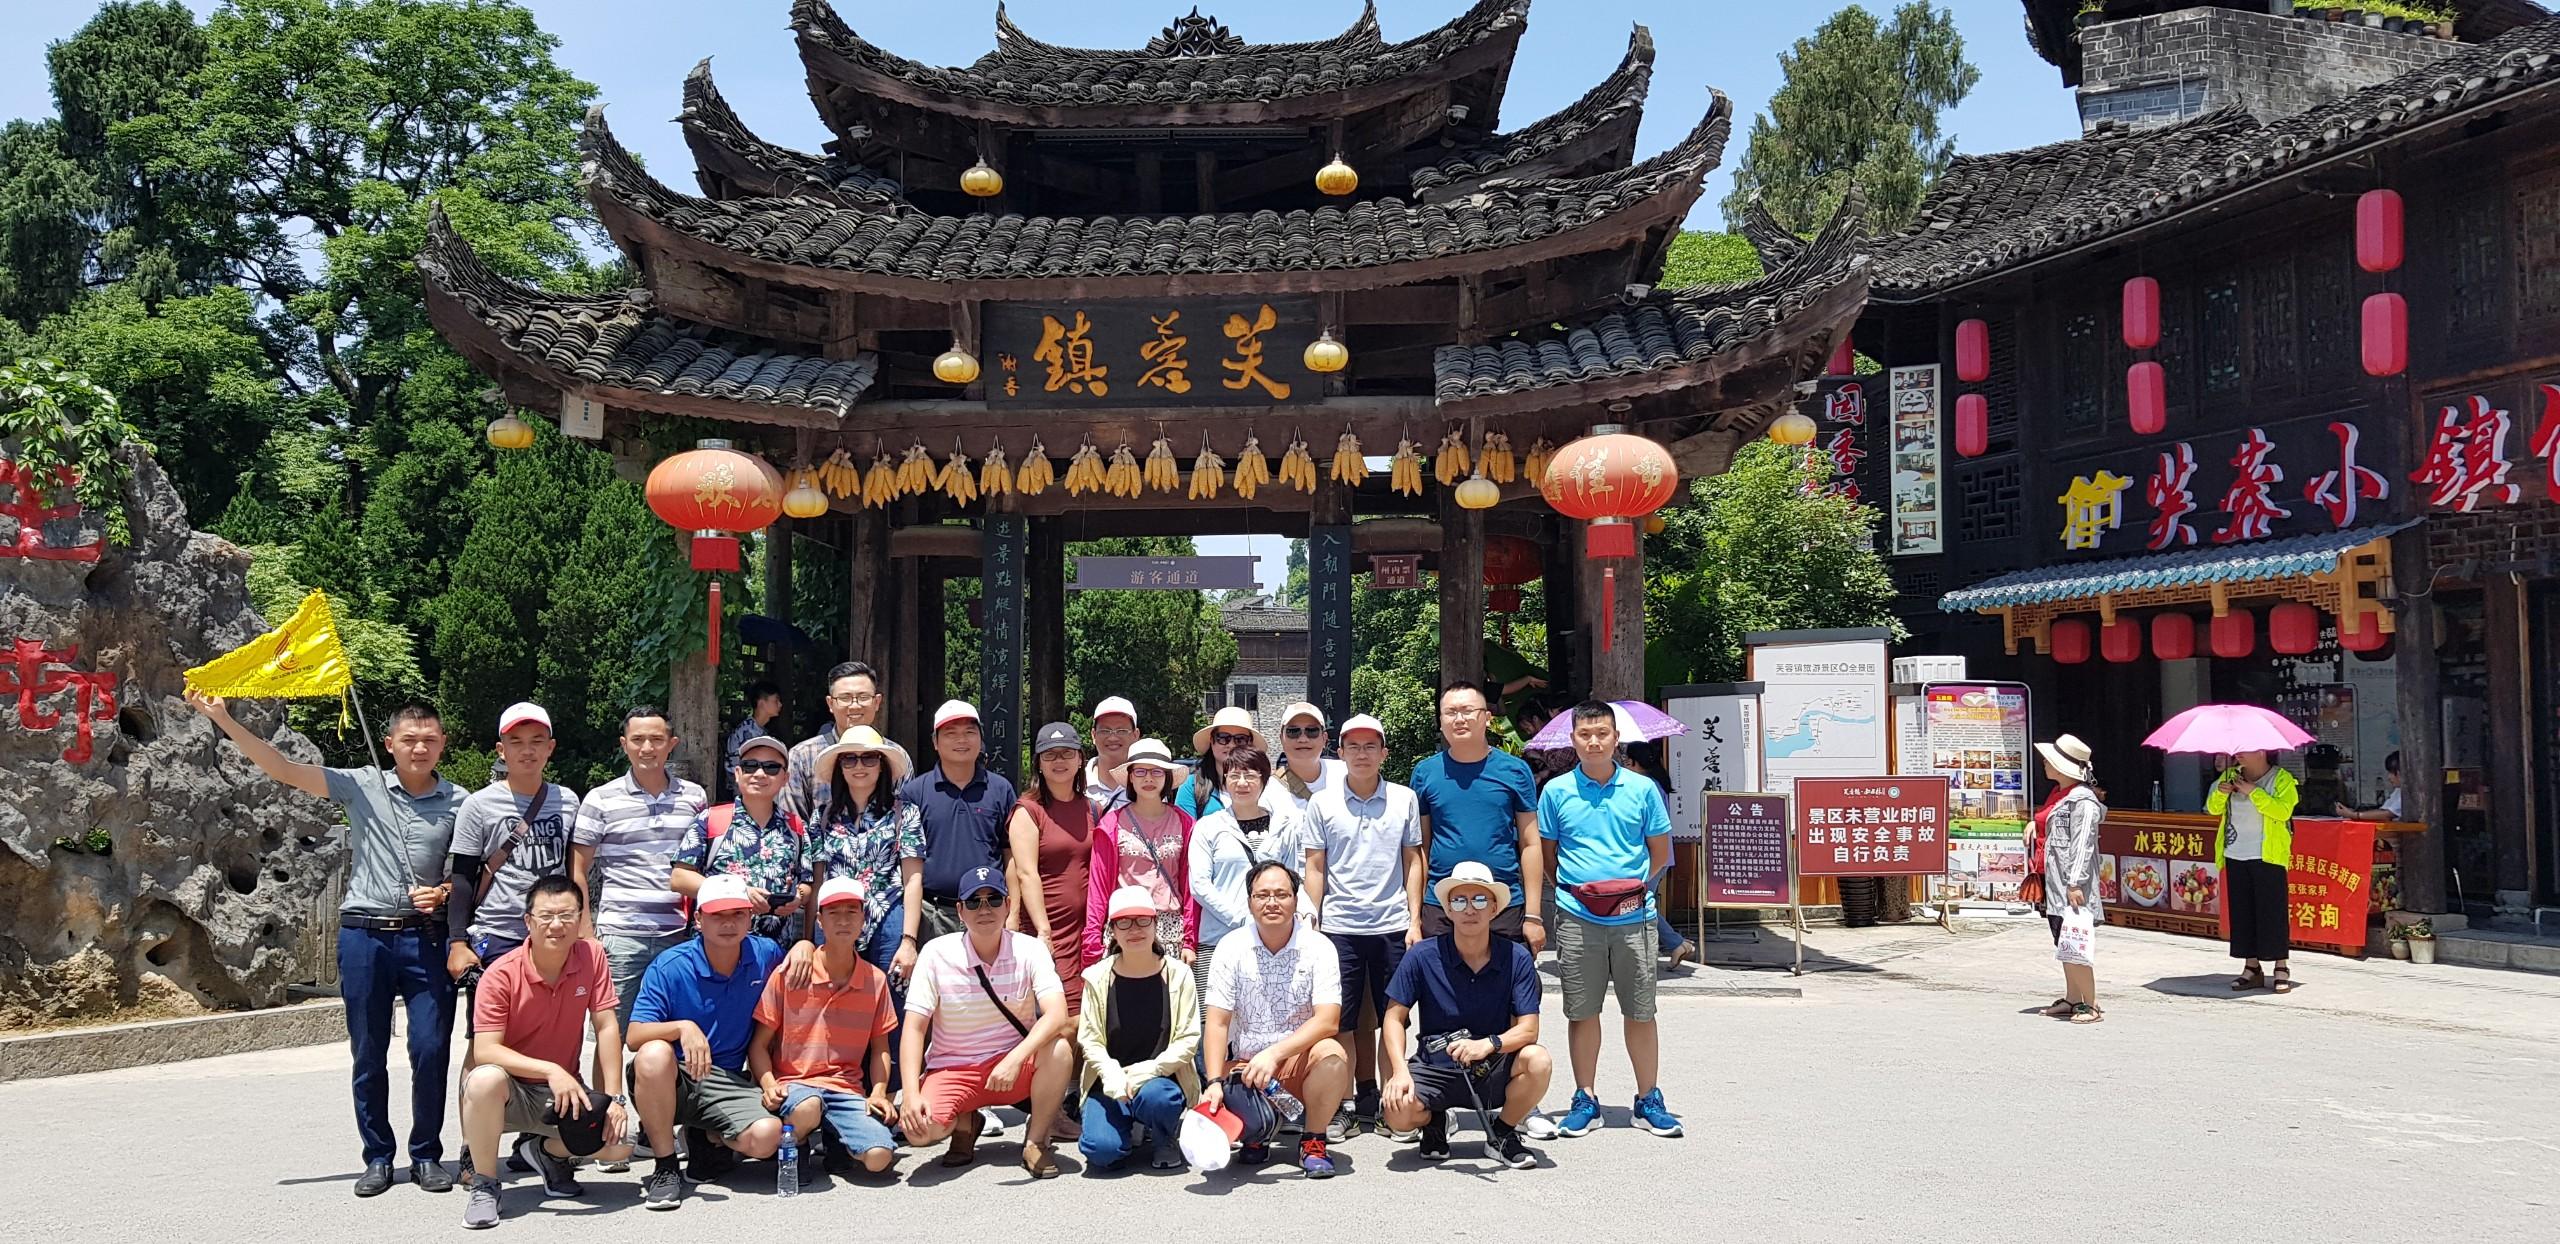 Đoàn Du lịch Phượng Hoàng Cổ Trấn Từ Thái Nguyên